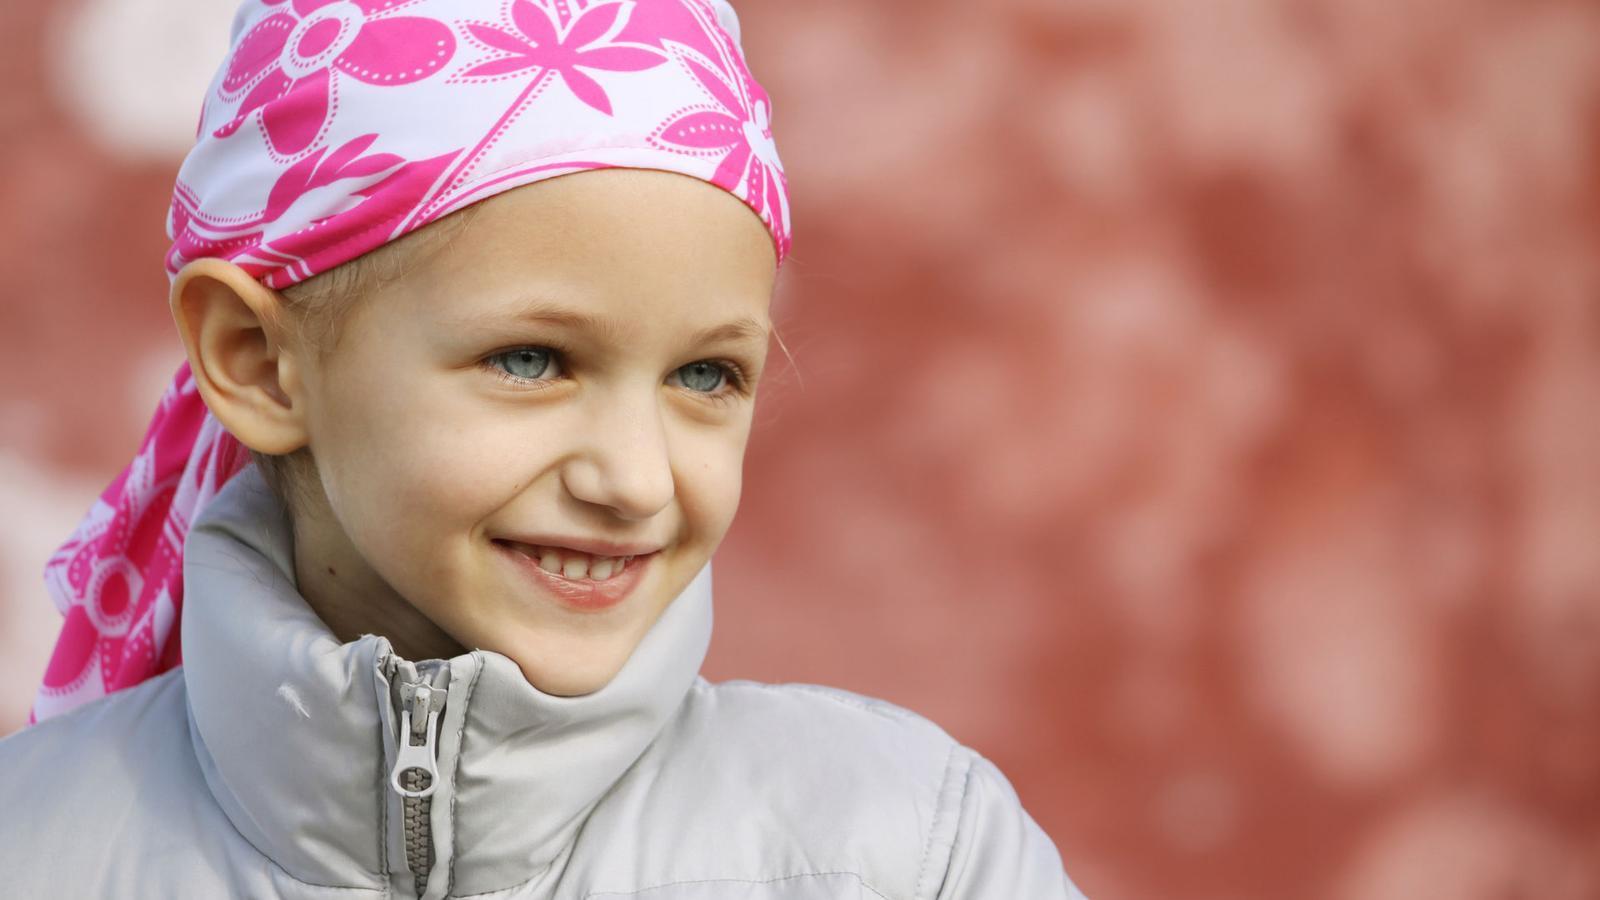 La teràpia cel·lular obre esperances per al tractament de la leucèmia aguda